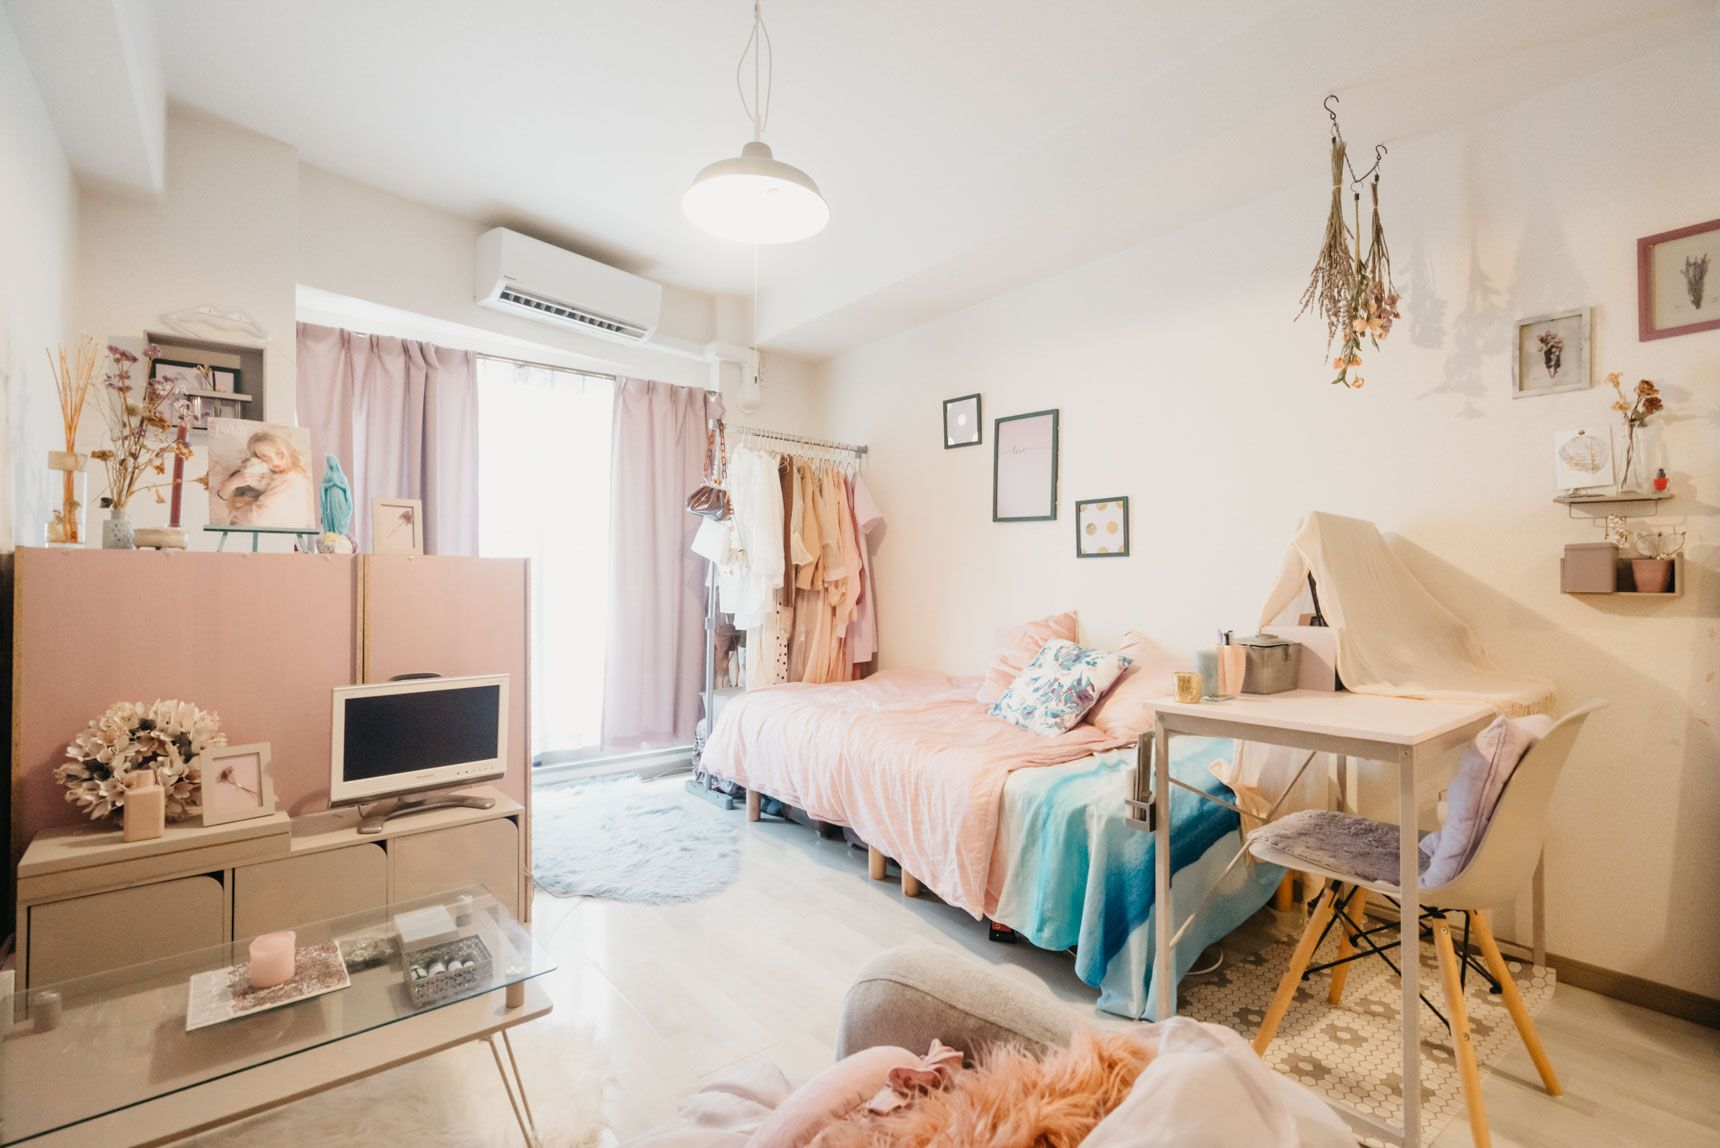 ピンクとグレーでつくる 大人ガーリーなひとり暮らしインテリア 部屋 レイアウト ひとり暮らし インテリア インテリア